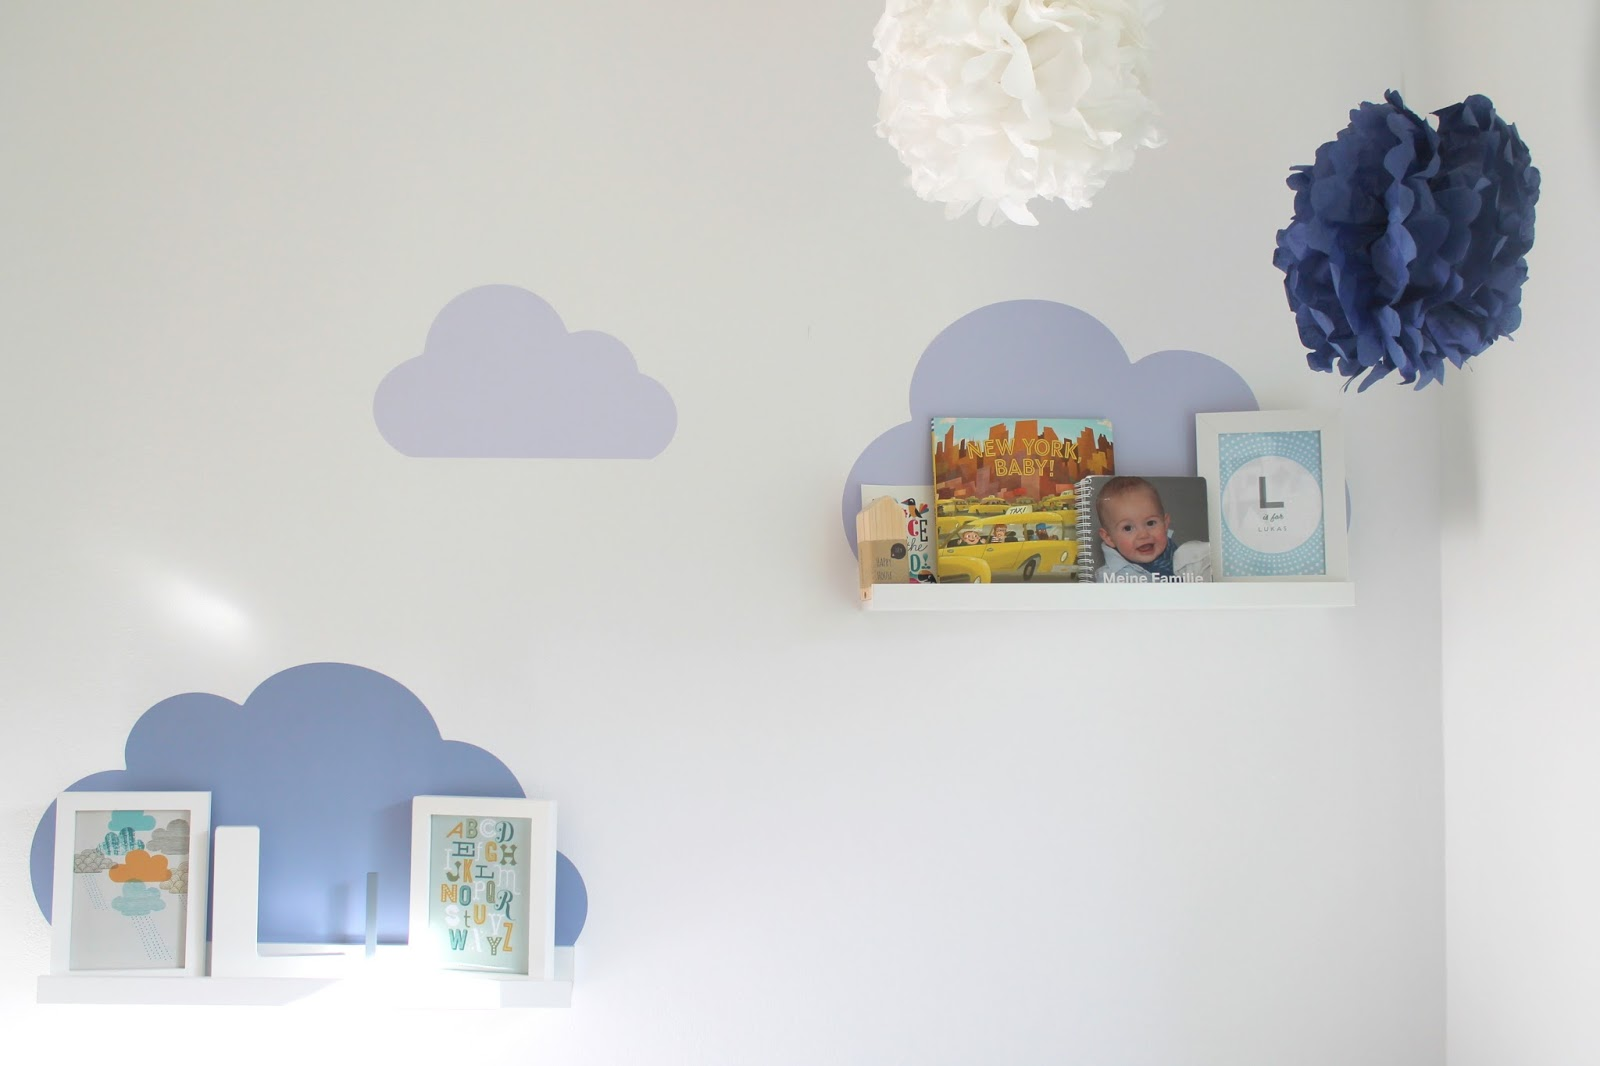 Kleines freudenhaus: erster einblick ins neue zimmer des neuen!